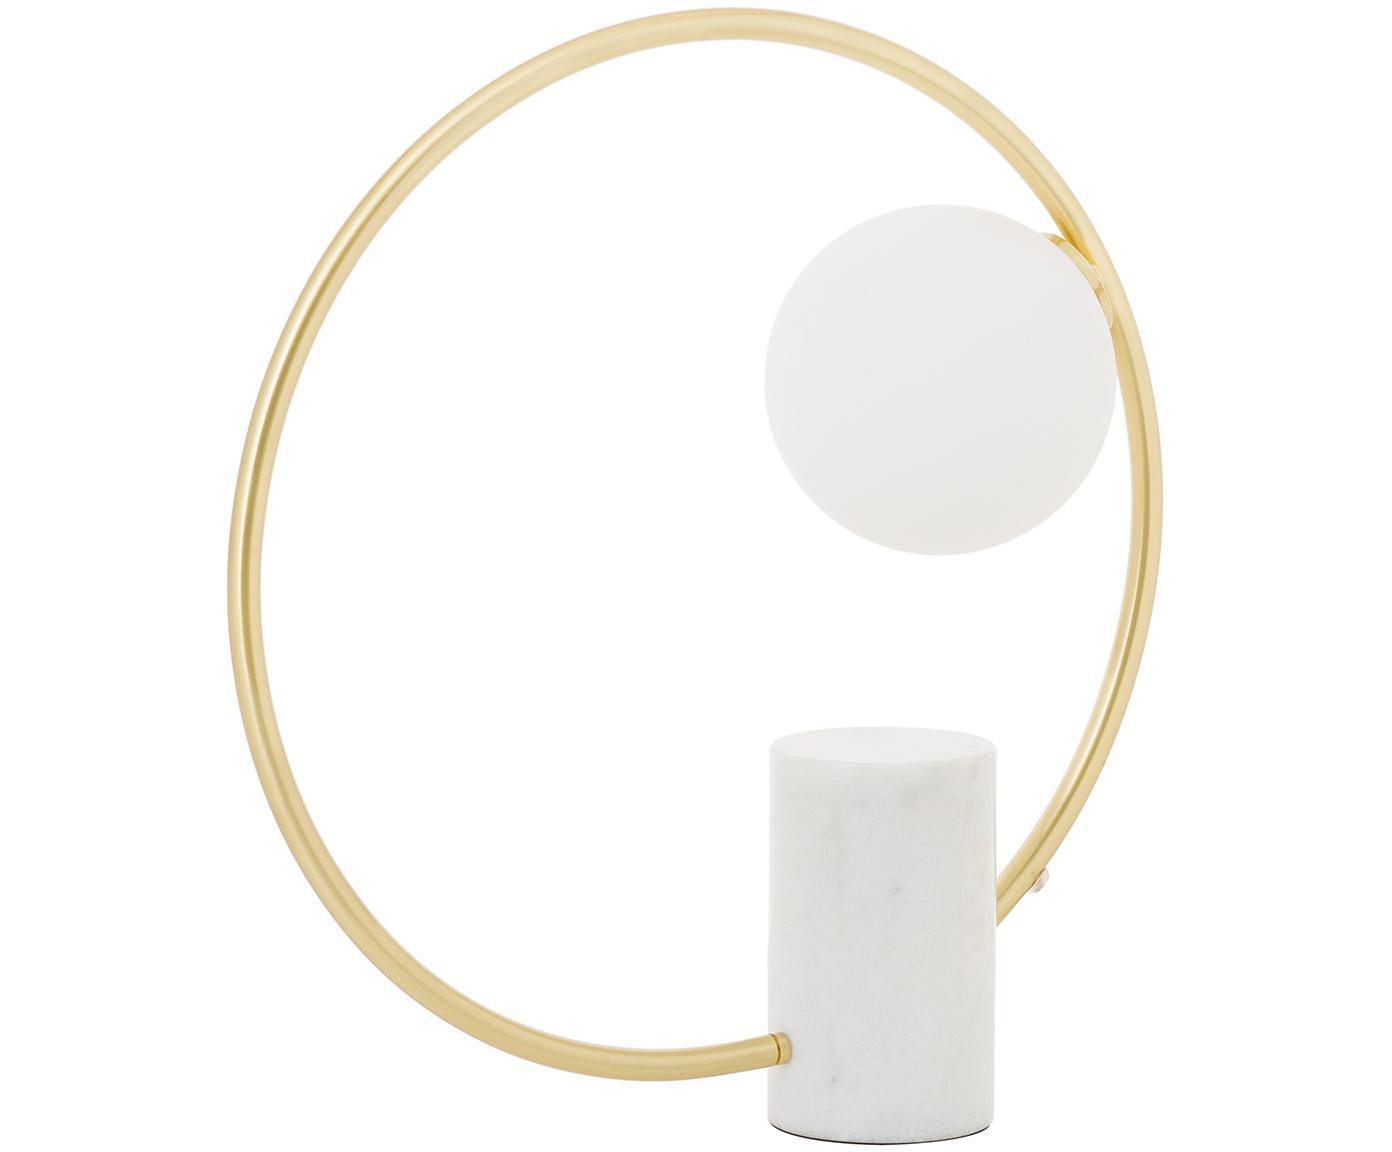 Tischleuchte Soho mit Marmorfuß, Lampenschirm: Glas, Lampenfuß: Marmor, Abweichungen vom , Rahmen: Metall, vermessingt, Weiß, Messing, 40 x 42 cm